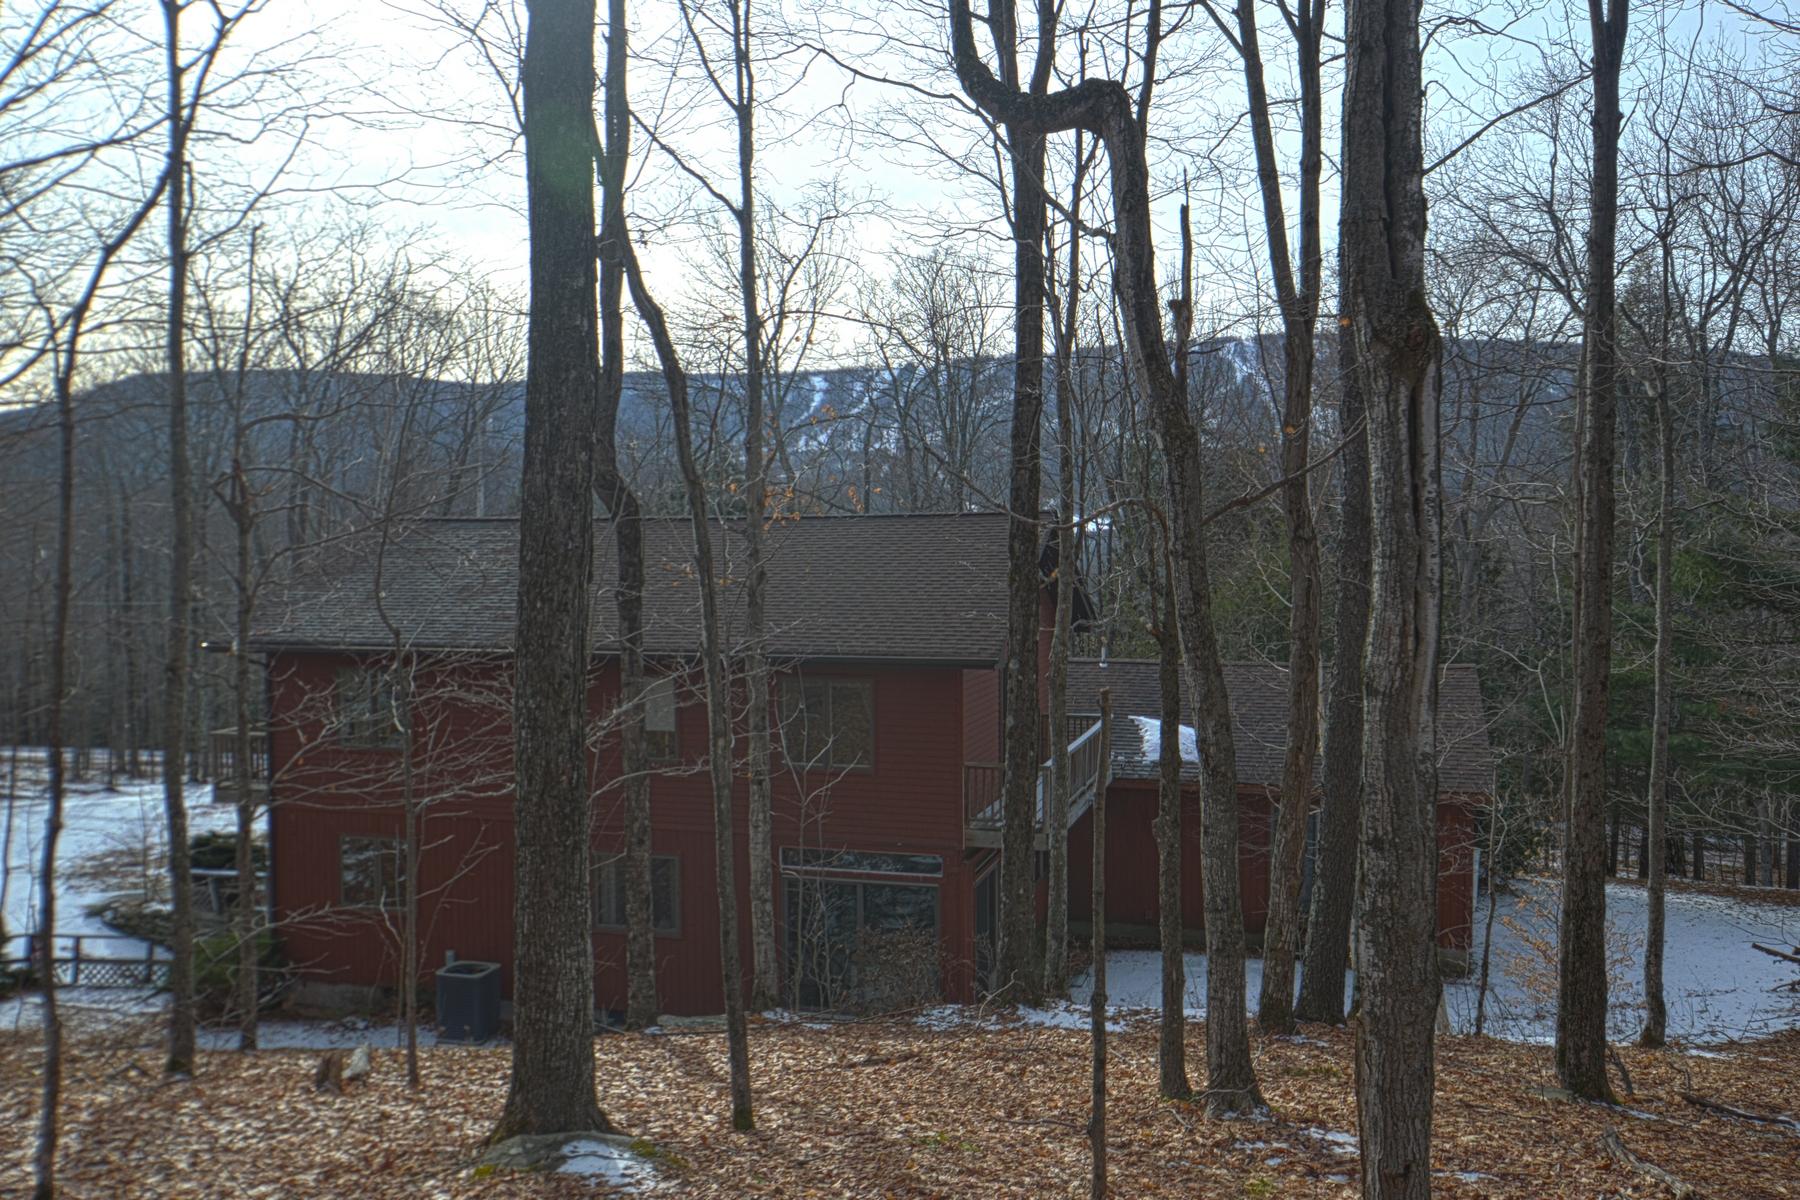 Maison unifamiliale pour l Vente à Family Retreat Overlooking Belleayre Mountain 109 Winnisook Ct Middletown, New York 12441 États-Unis